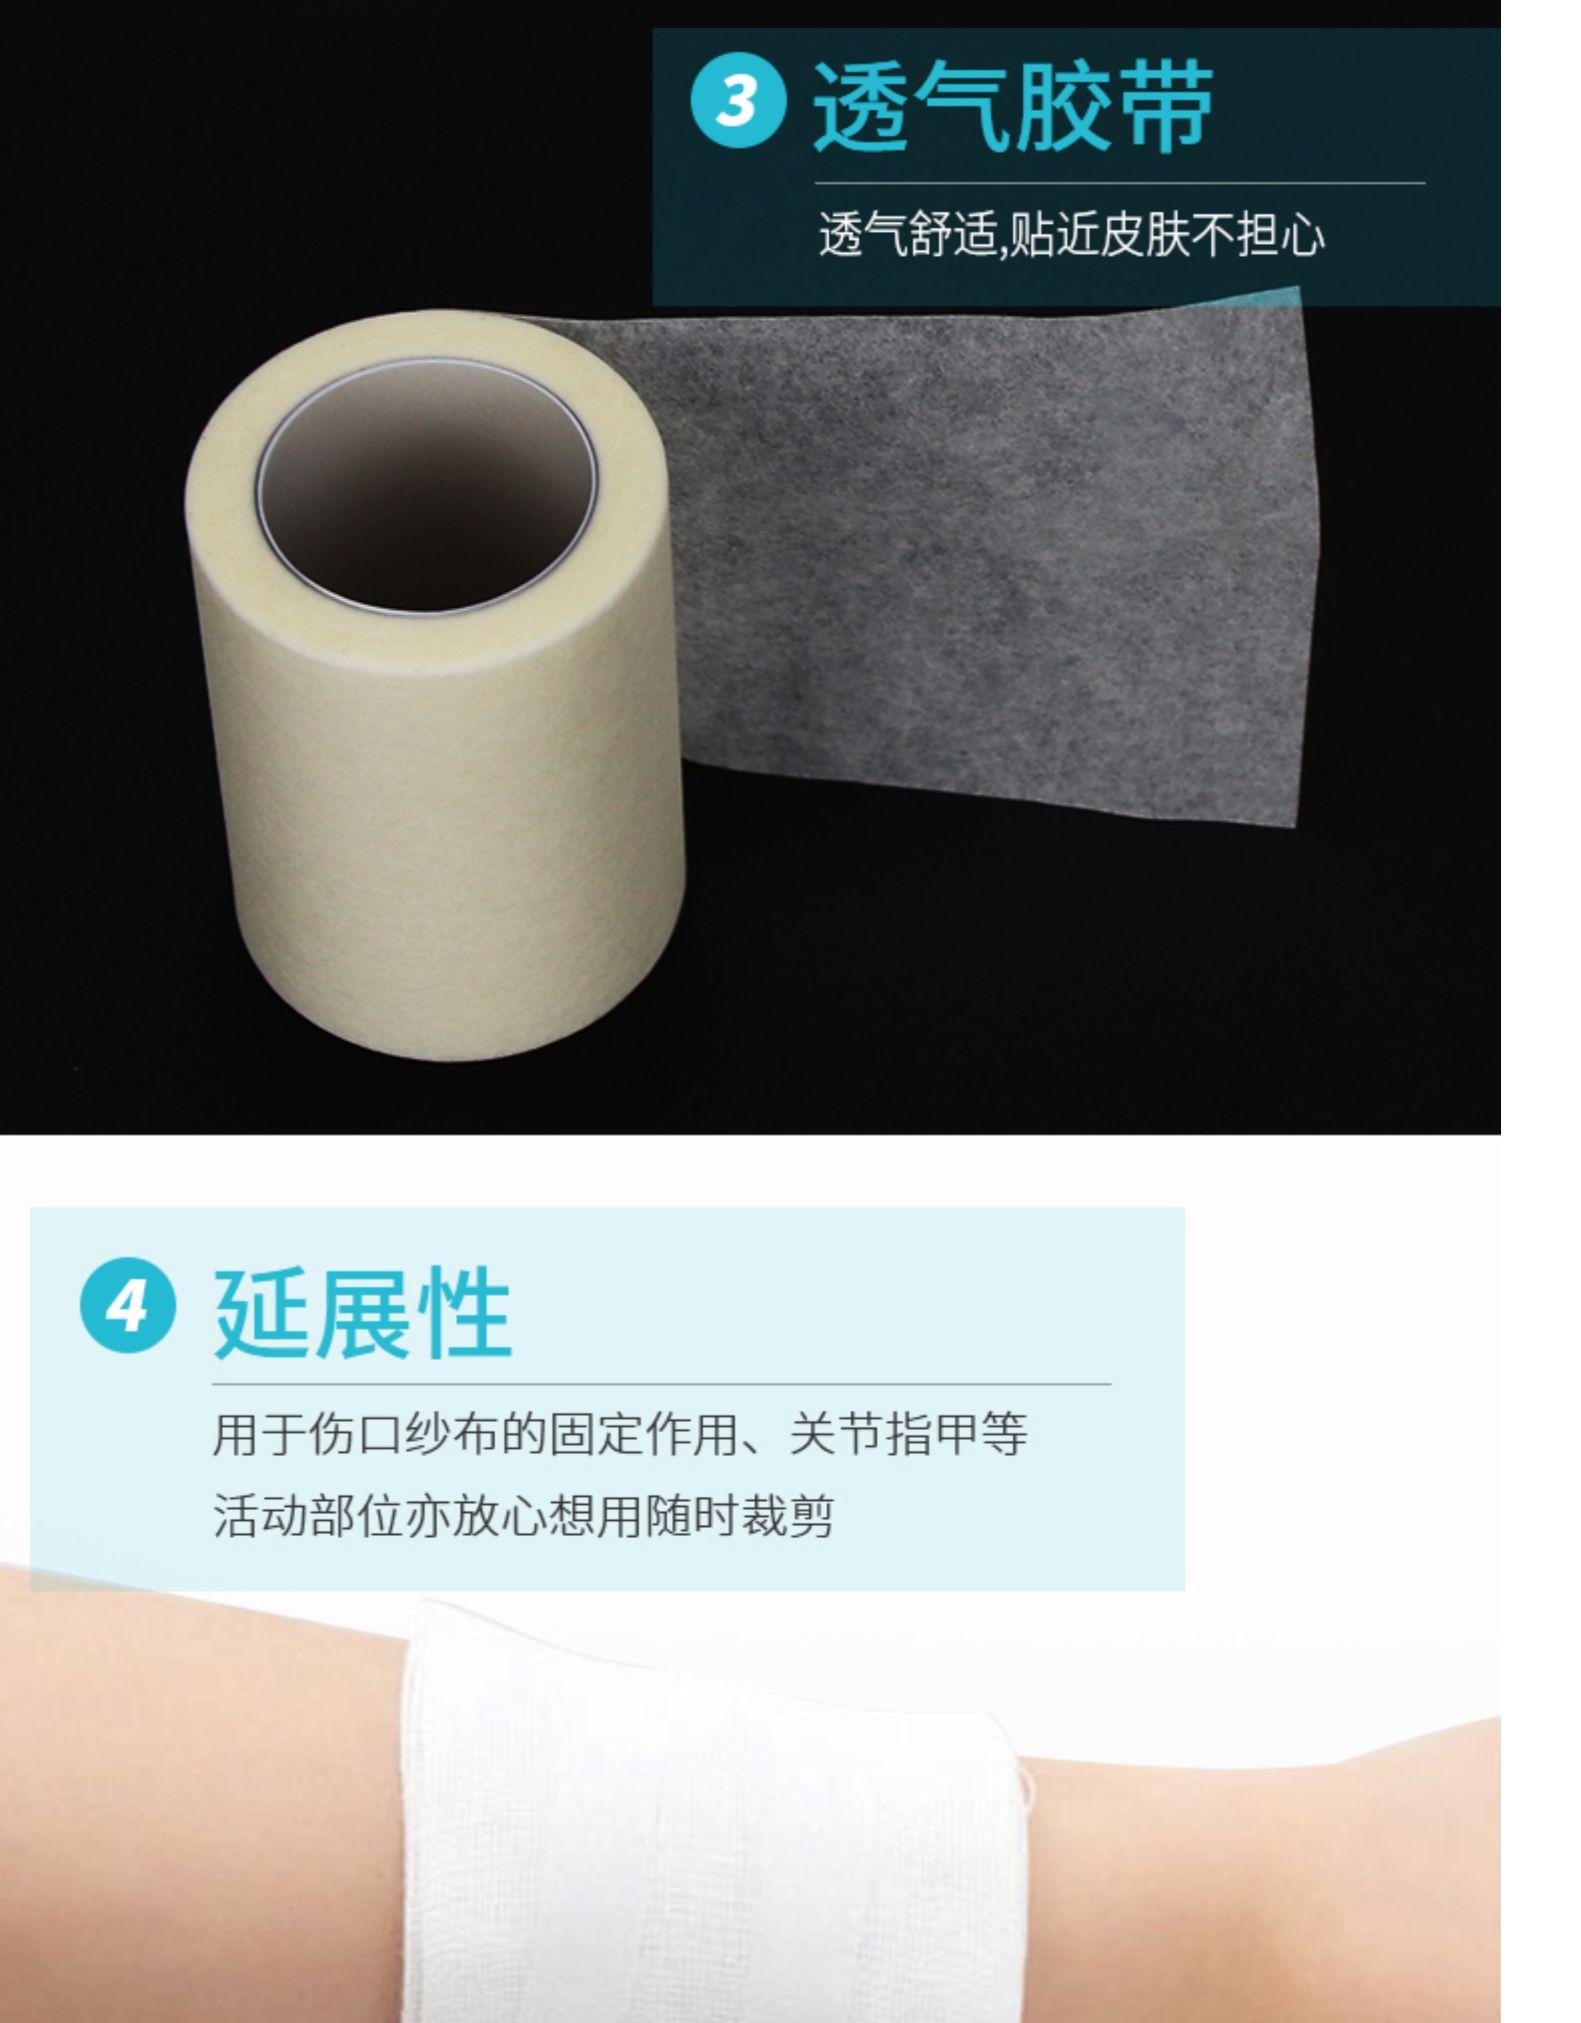 口呼吸矫正贴医用胶布医疗透明不织布纸质低敏透气压敏胶带卷详细照片